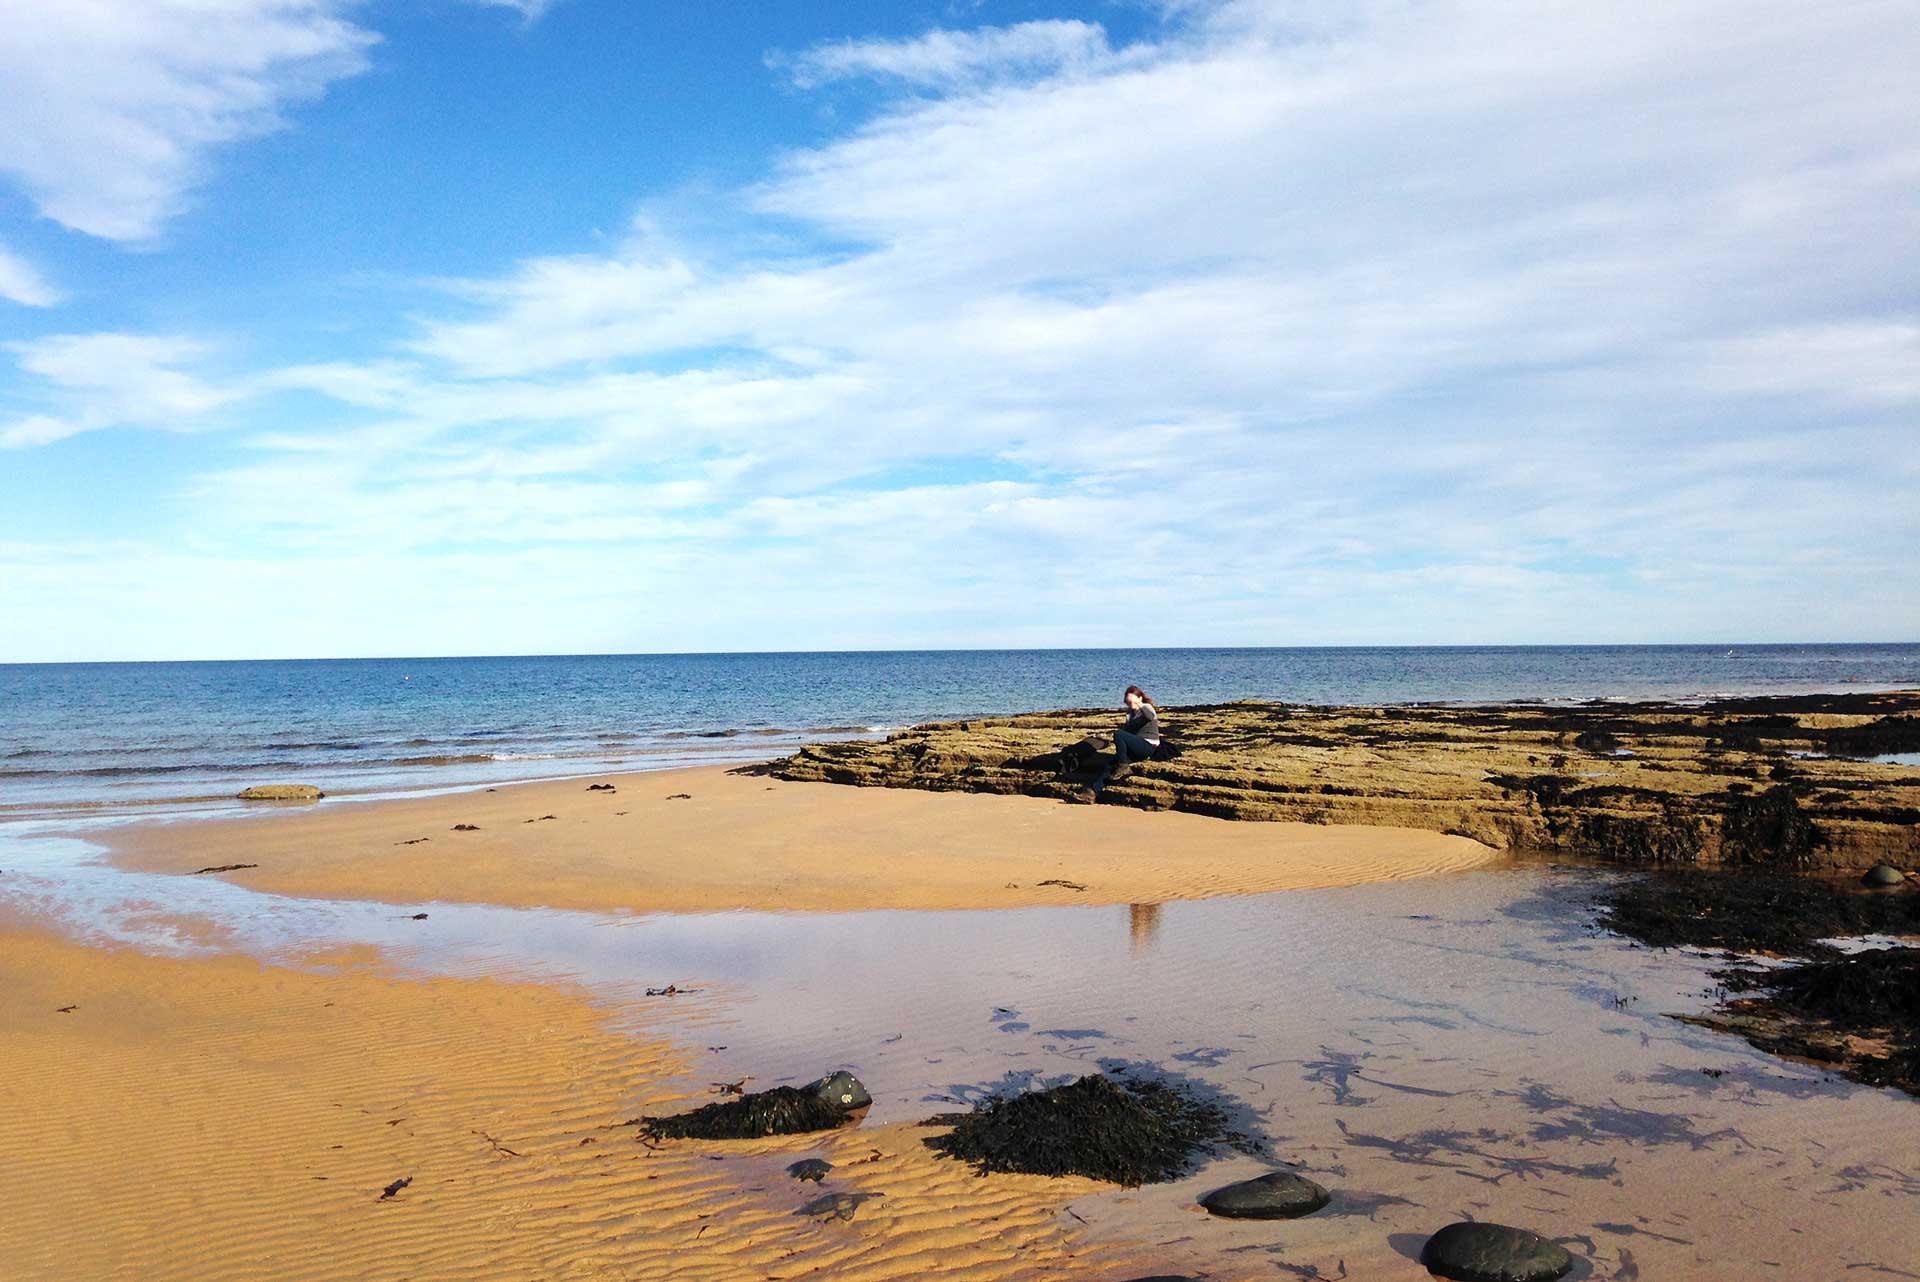 Sea and beach at Embleton Bay